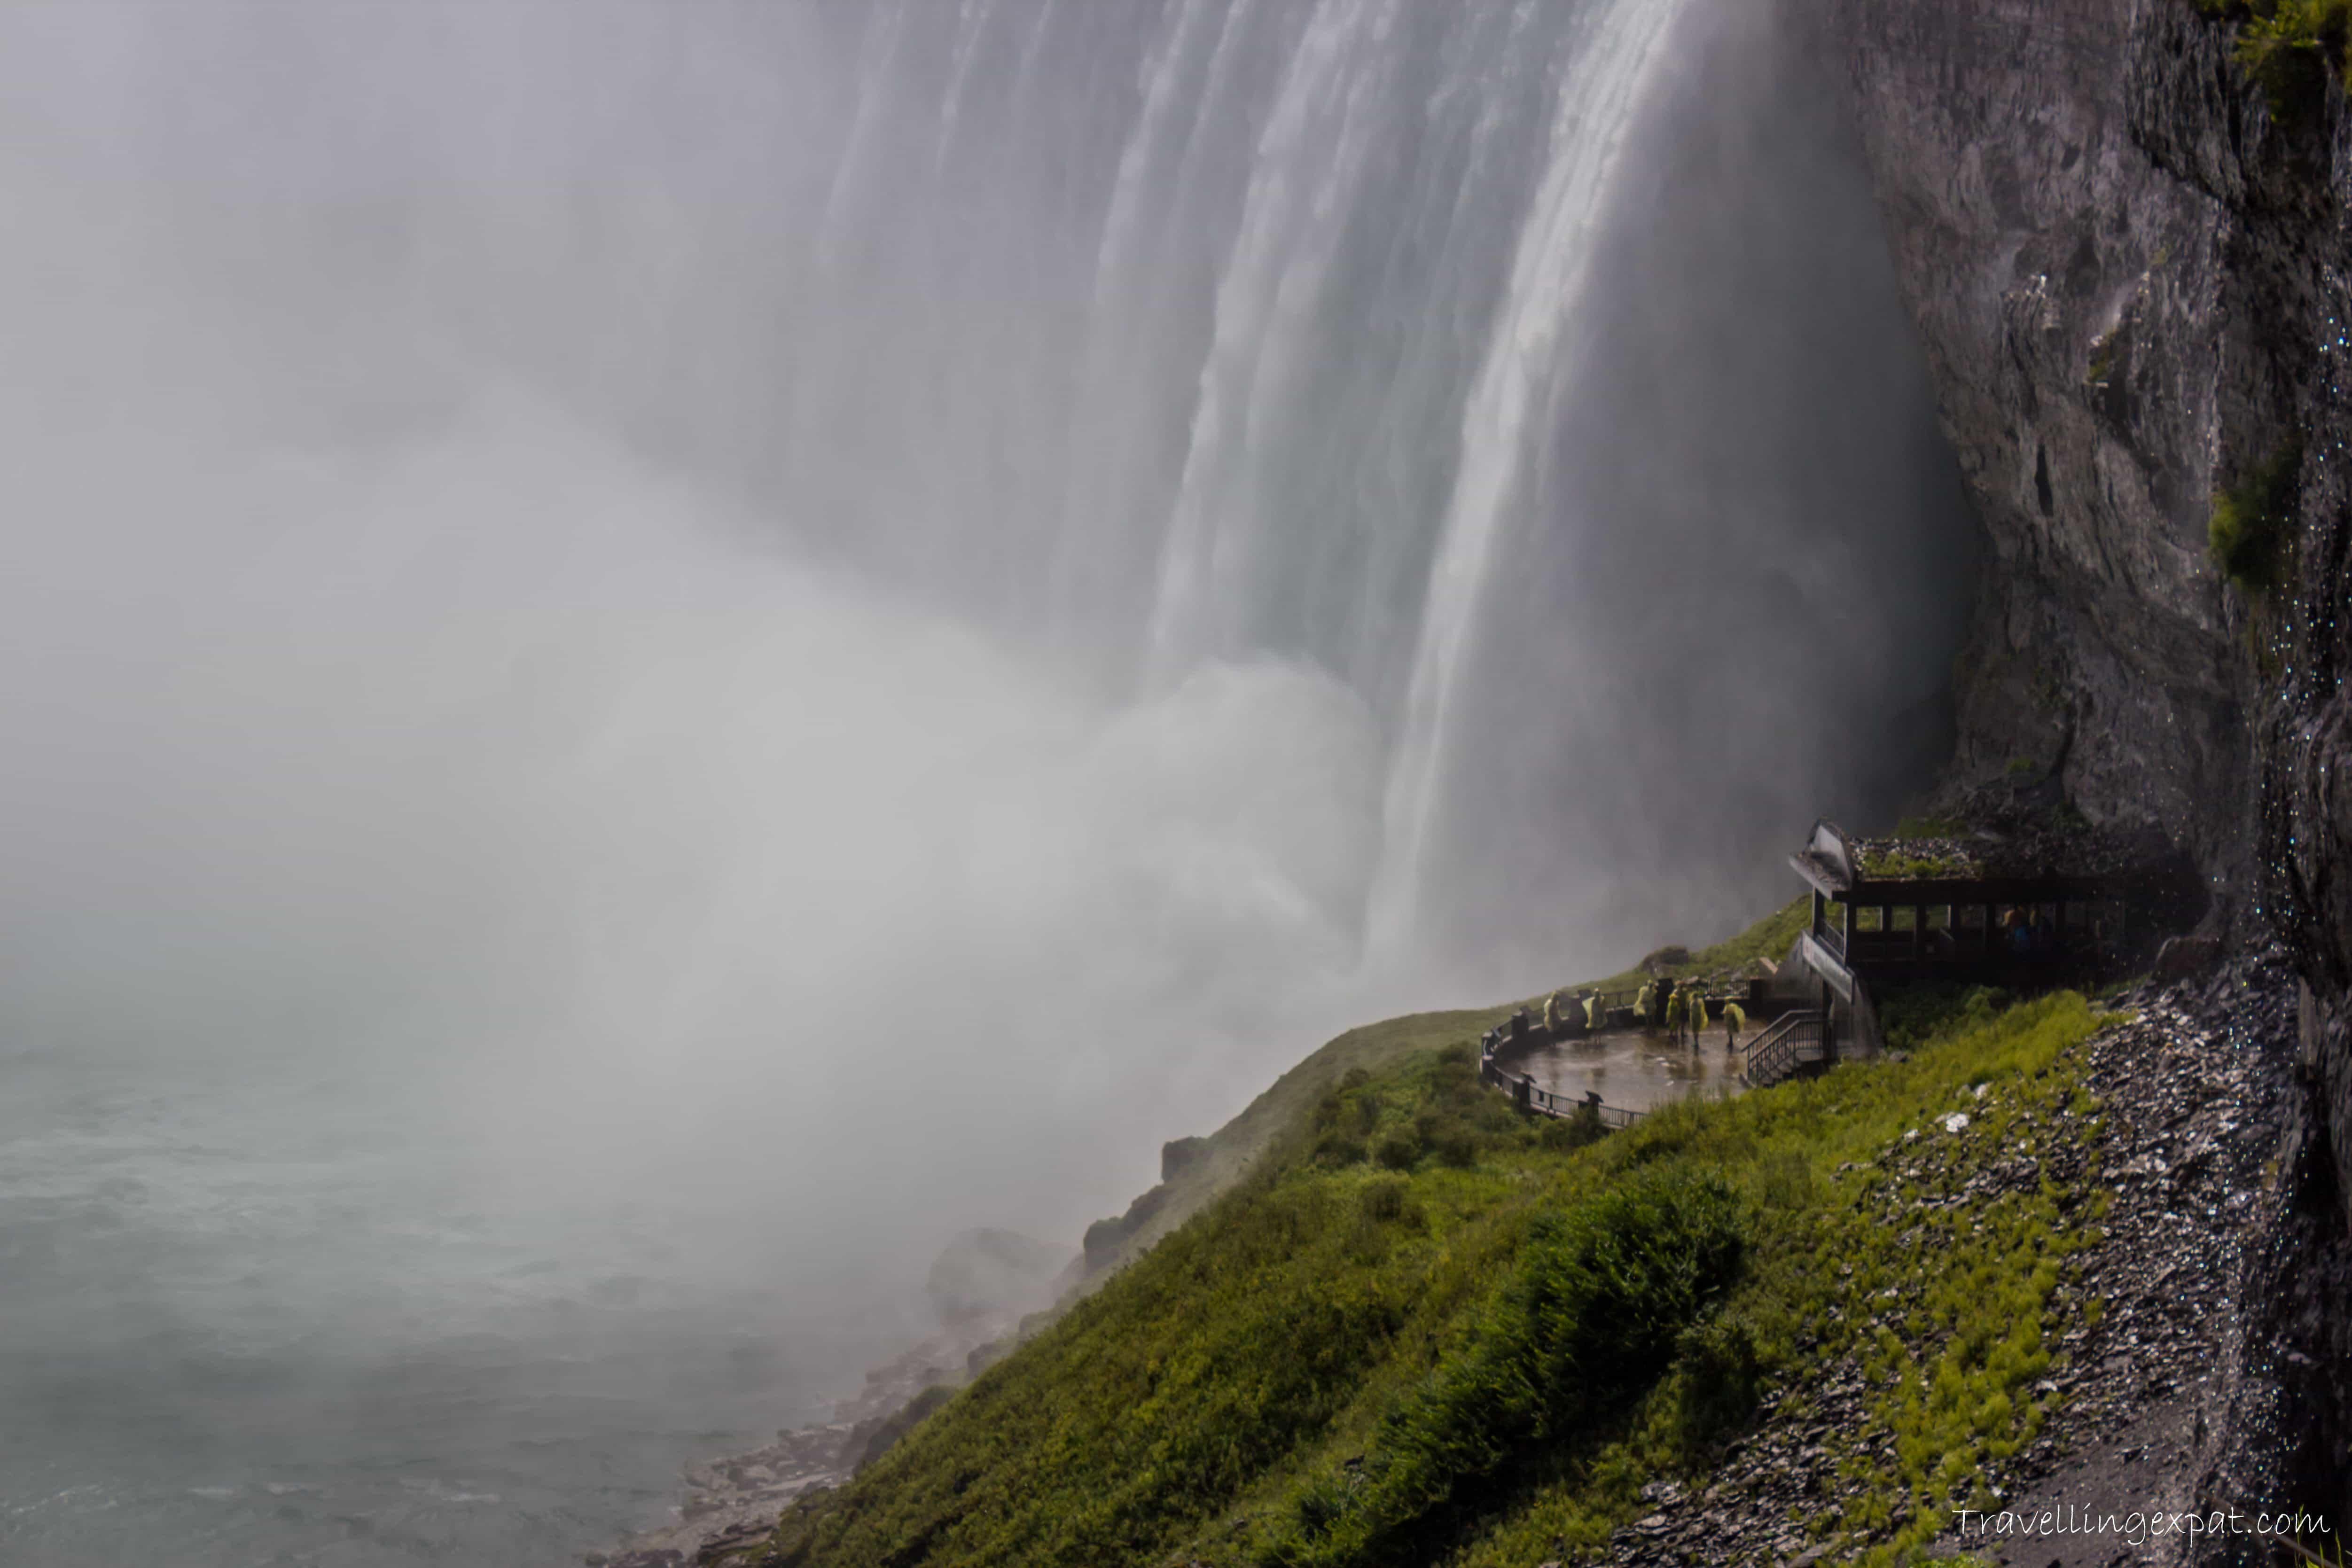 Le cascate viste da sotto